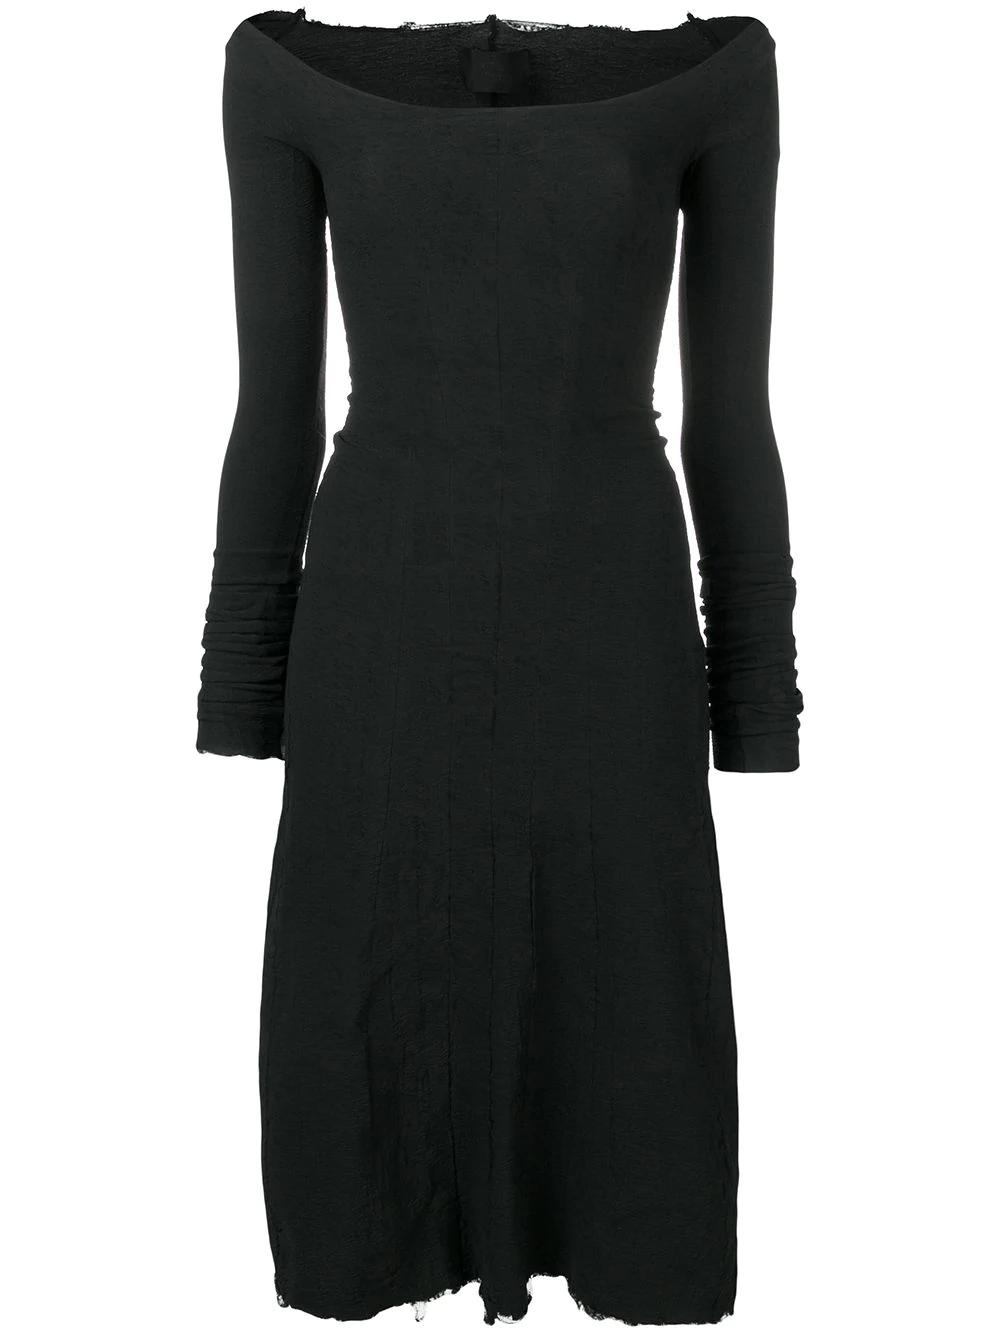 Marc Le Bihan Boat Neck Dress In Black